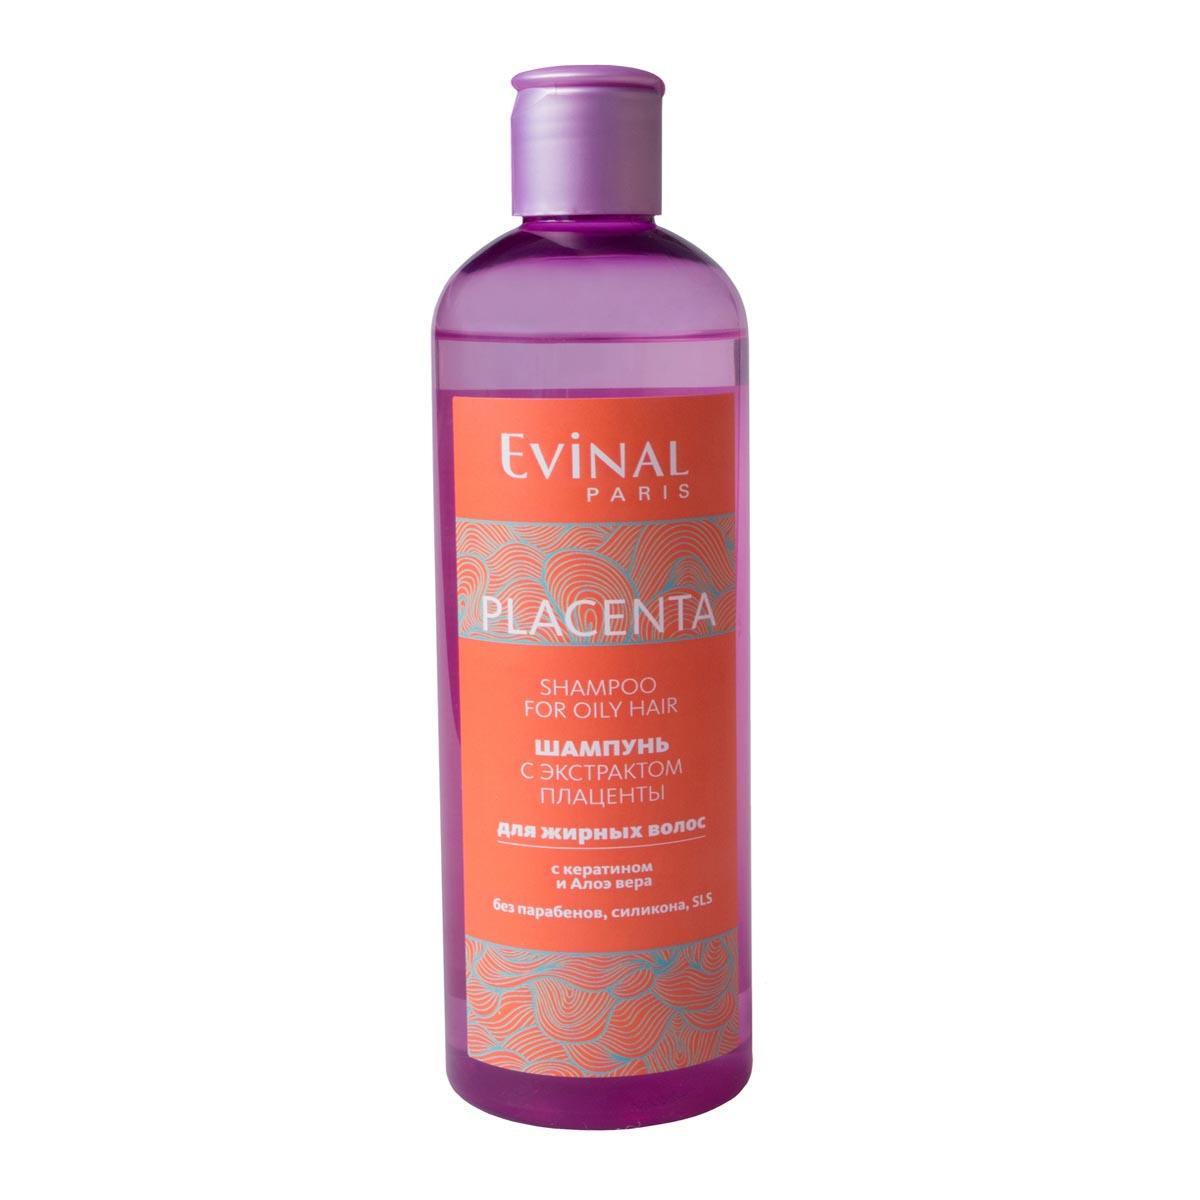 Шампунь Evinal с экстрактом плаценты, для жирных волос, 300 млFS-00103Шампунь Evinal с экстрактом плаценты для жирных волос. Показания к применению: выпадение волос, слабые и ломкие волосы, секущиеся концы волос, повышенная жирность волос.Результат клинических испытаний: шампунь надежно останавливает выпадение волос в 83% случаев, усиливает рост новых волос до 3см за 60дней применения шампуня в 90% случаев, придает объем блеск и силу в 100% случаев, нормализует работу сальных желез.Рекомендован для ежедневного использования. Максимальный результат достигается при совместном использовании шампуня и бальзама на плаценте в течение 60 дней.Основные активные вещества: Экстракт плаценты, Экстракт крапивы, Экстракт зеленого чая, Д-пантенол.Хранить при комнатной температуре.